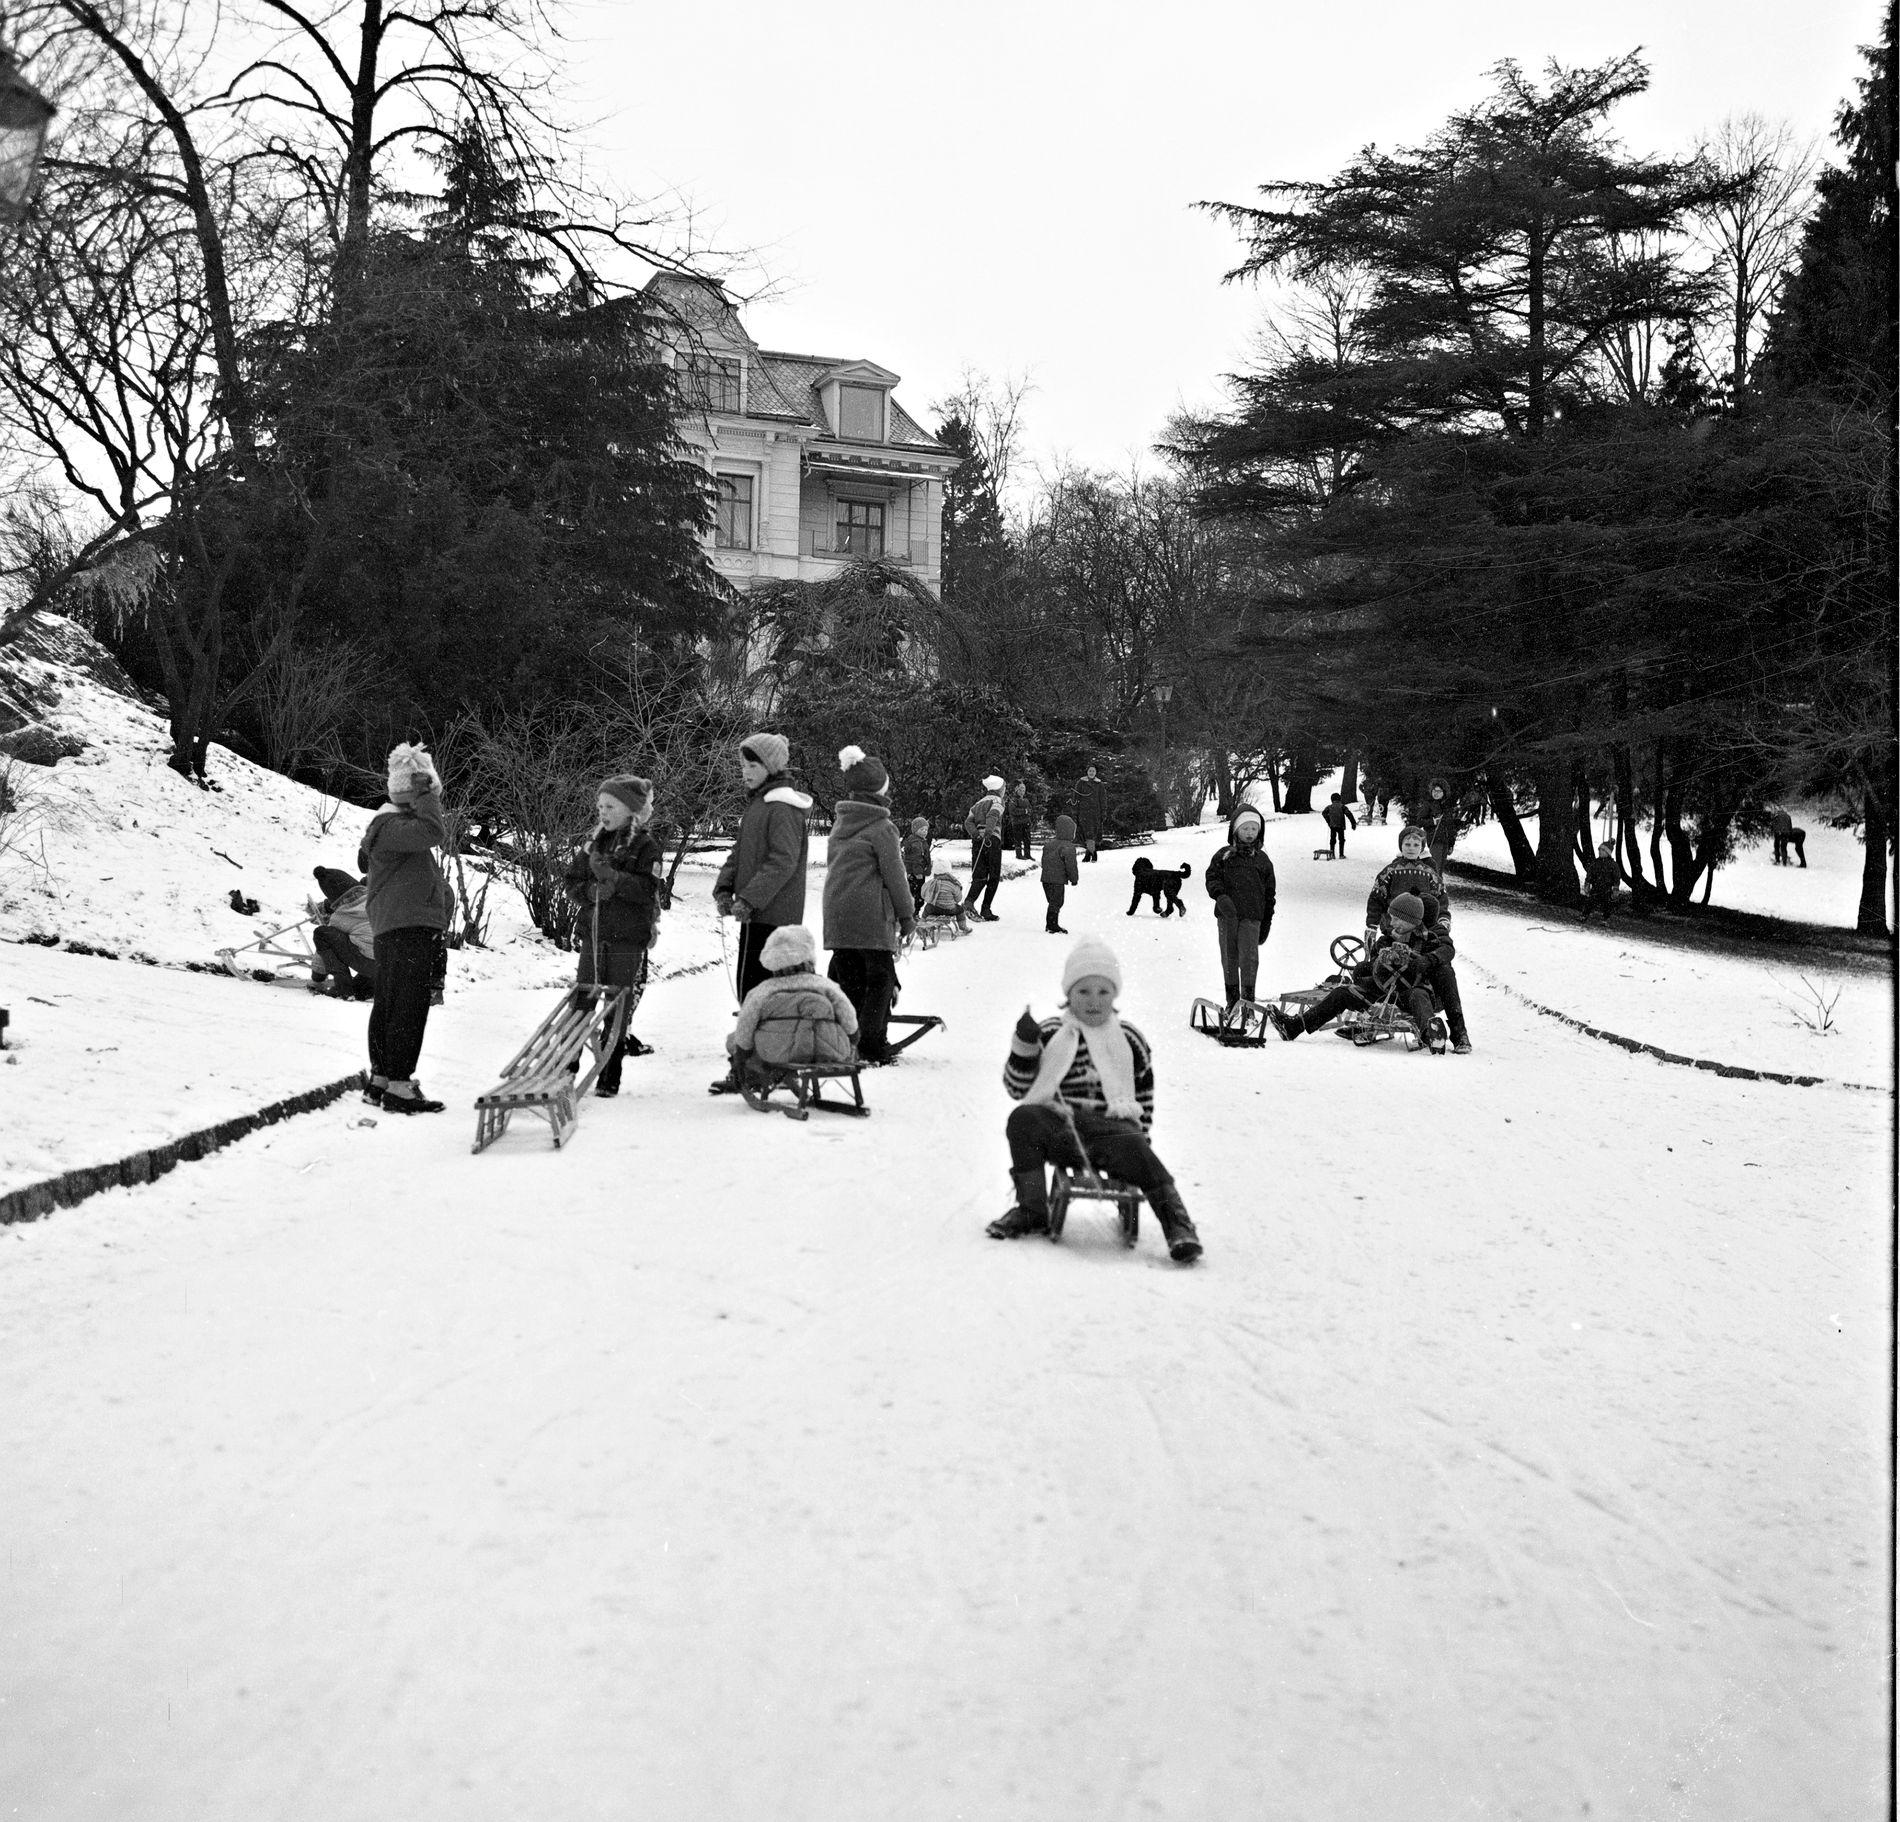 SNØ TIL JUL: Et plutselig snøfall førte til hektisk aking i Nygårdsparken i desember 1964.